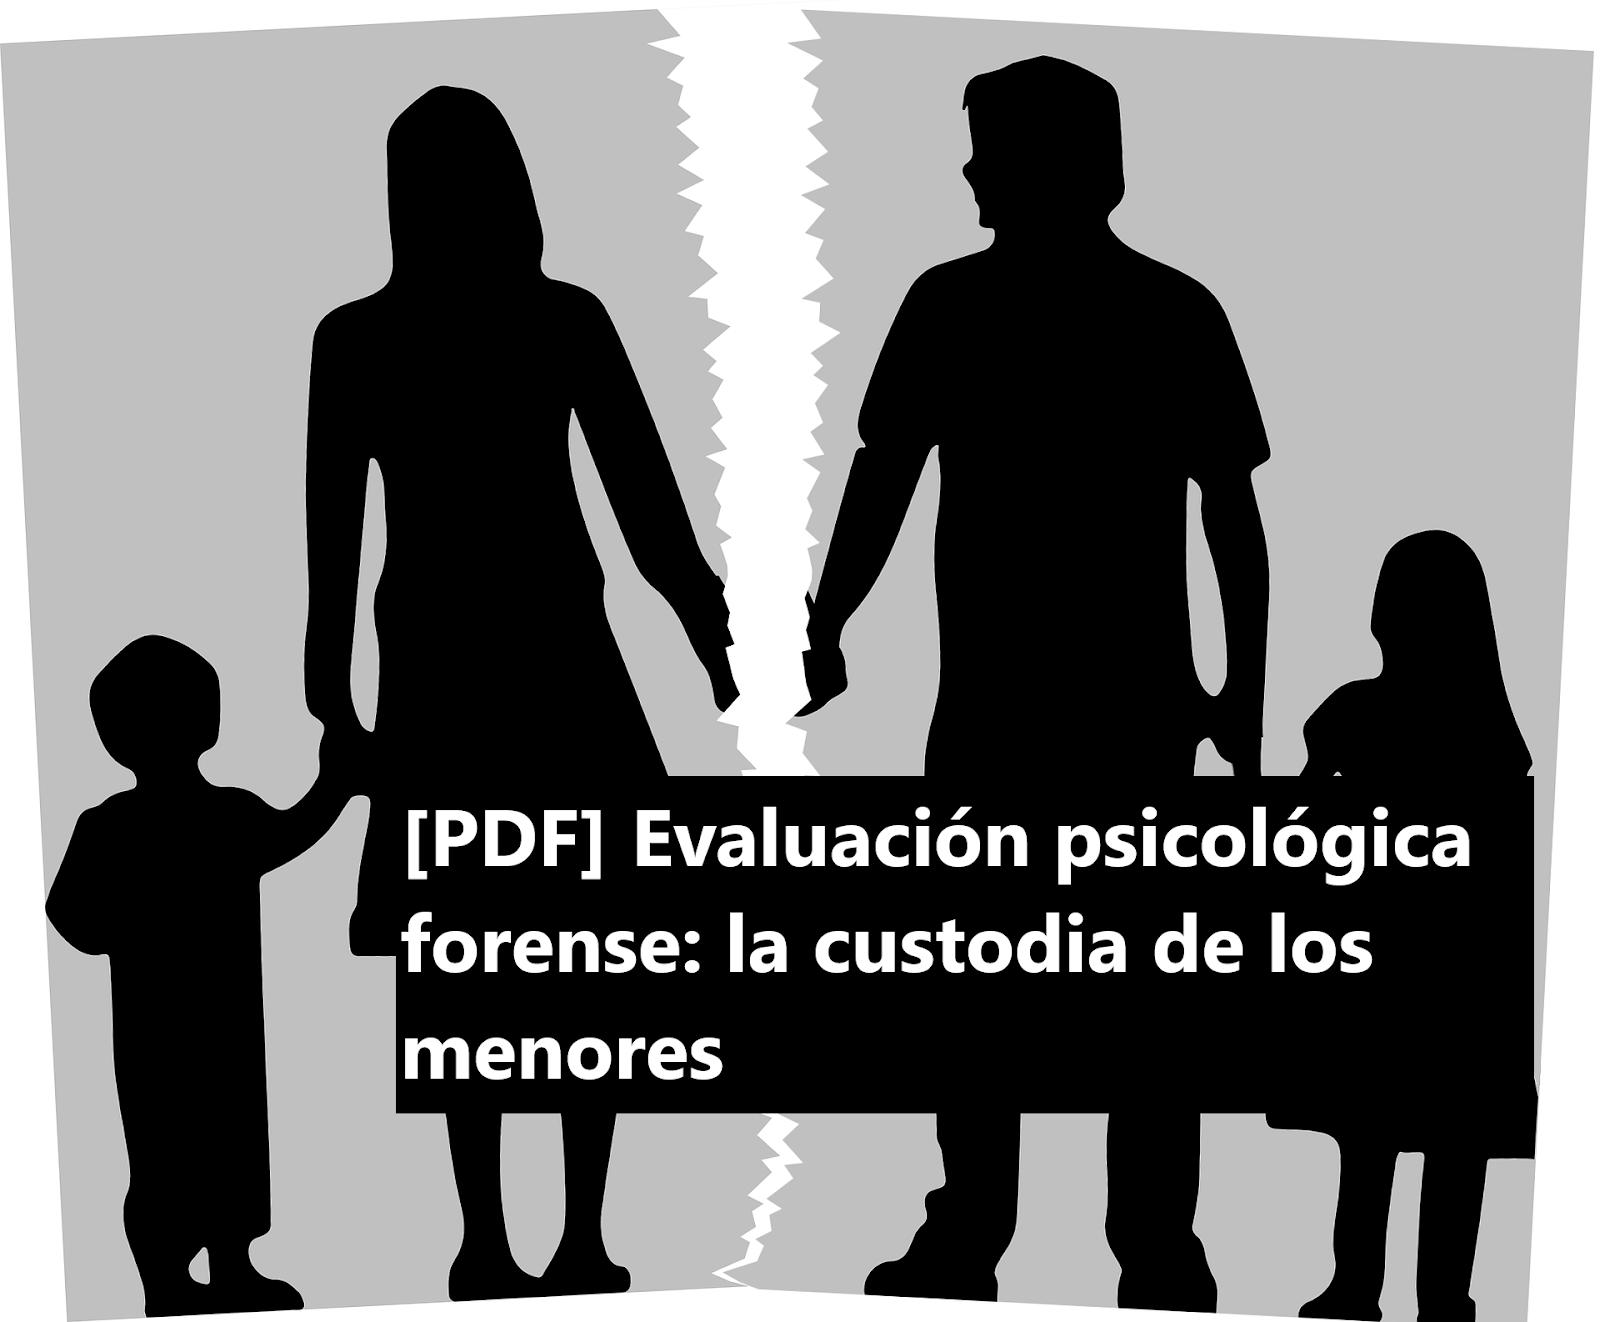 [PDF] Evaluación psicológica forense: la custodia de los menores.